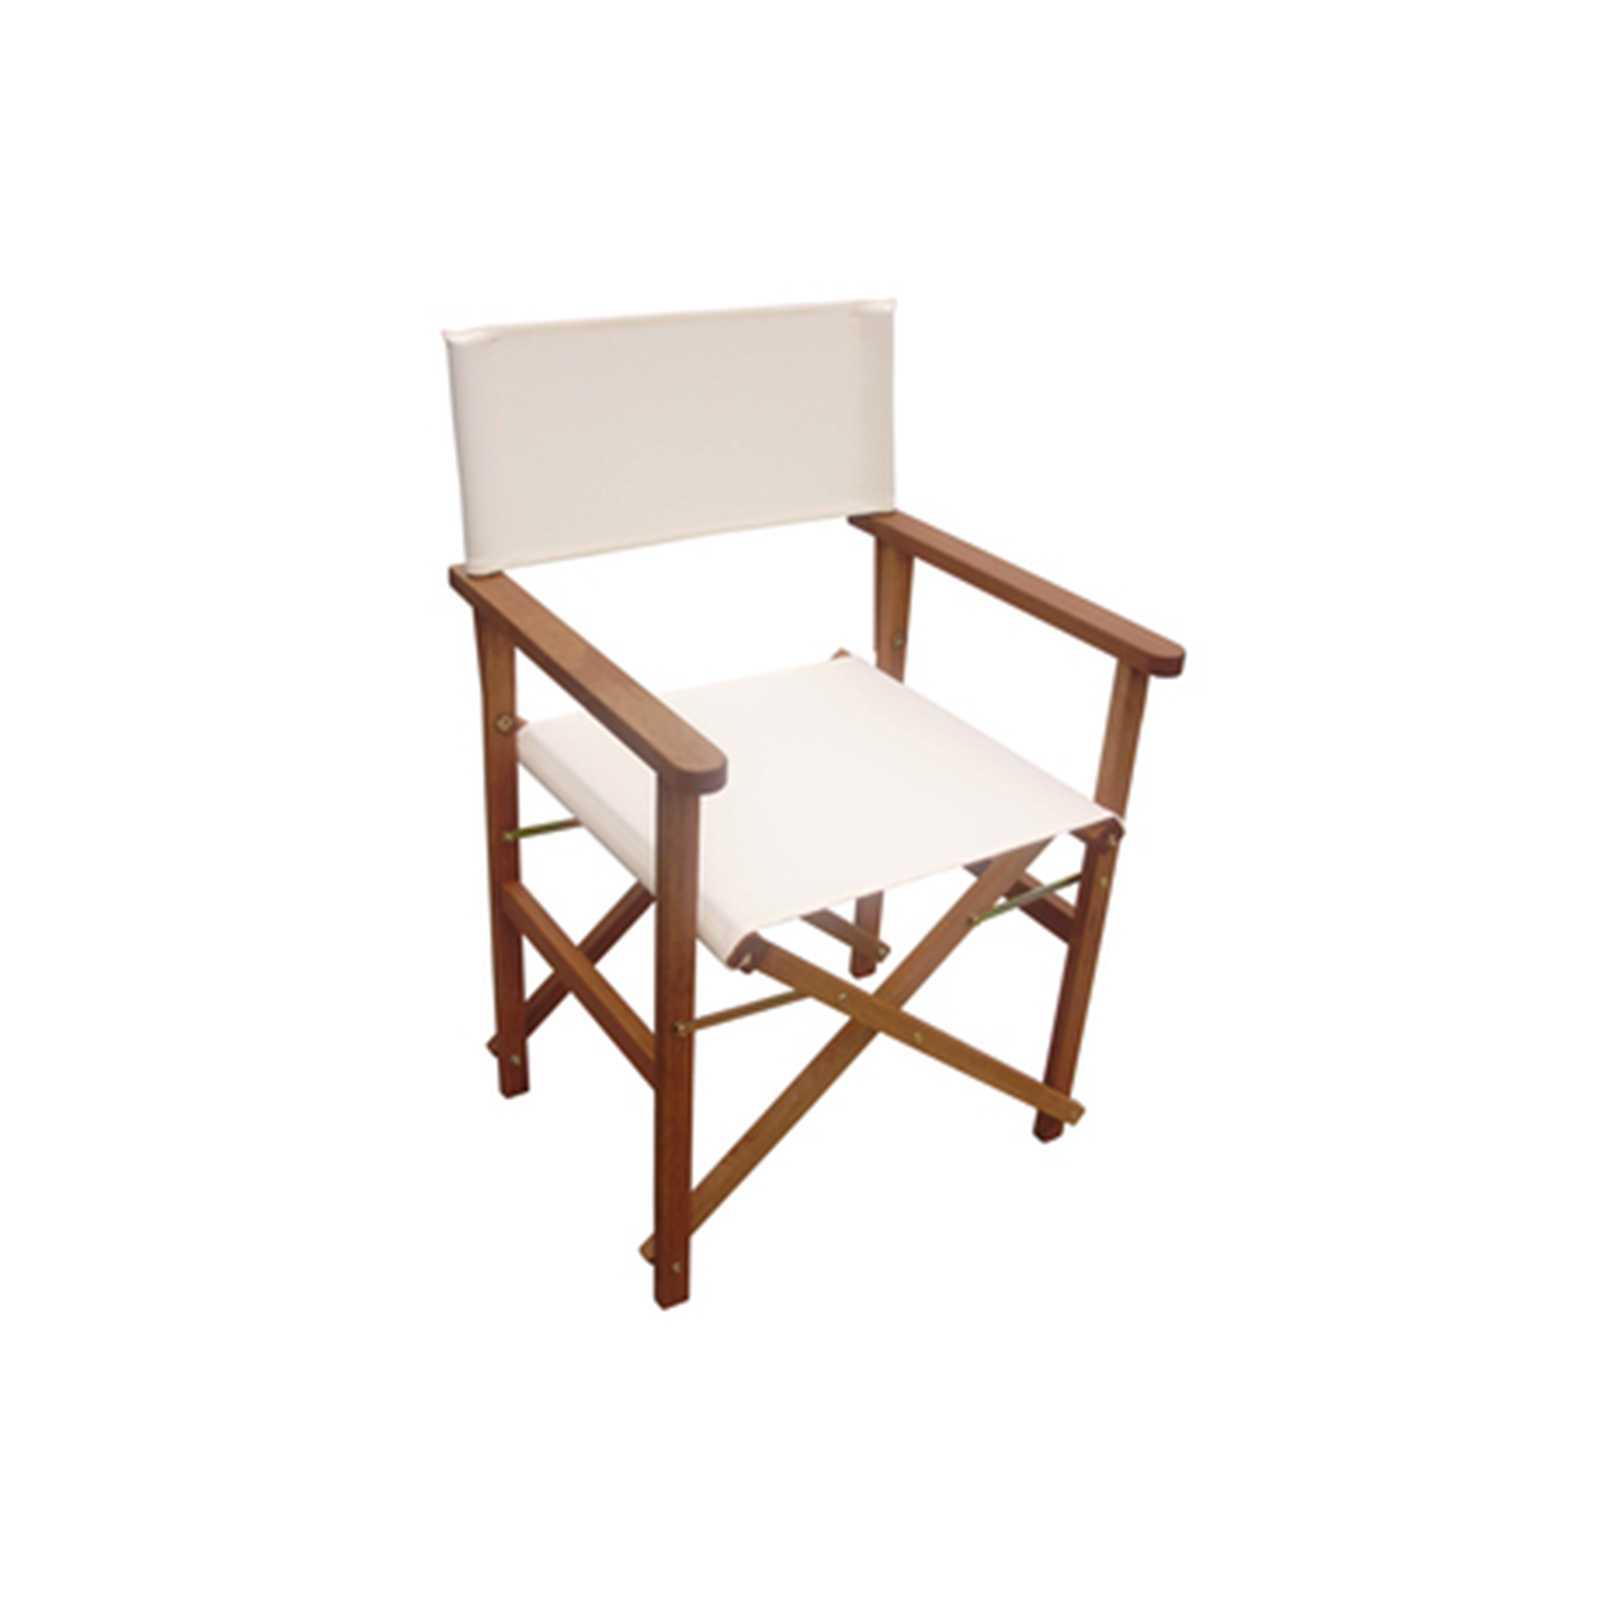 Sedia regista pieghevole con struttura in legno 49x53x84 cm e tessuto ecrù